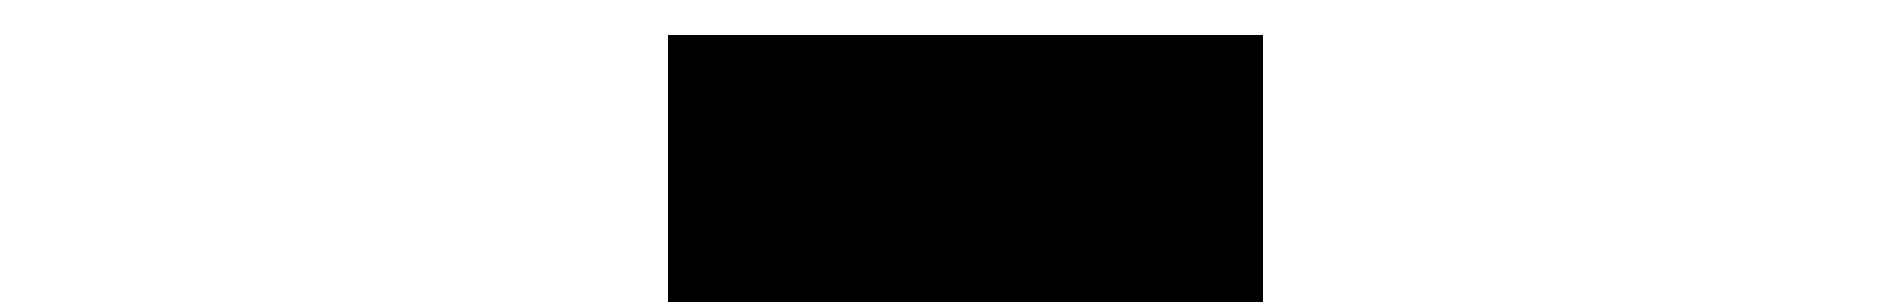 刺客阿尔泰 banner